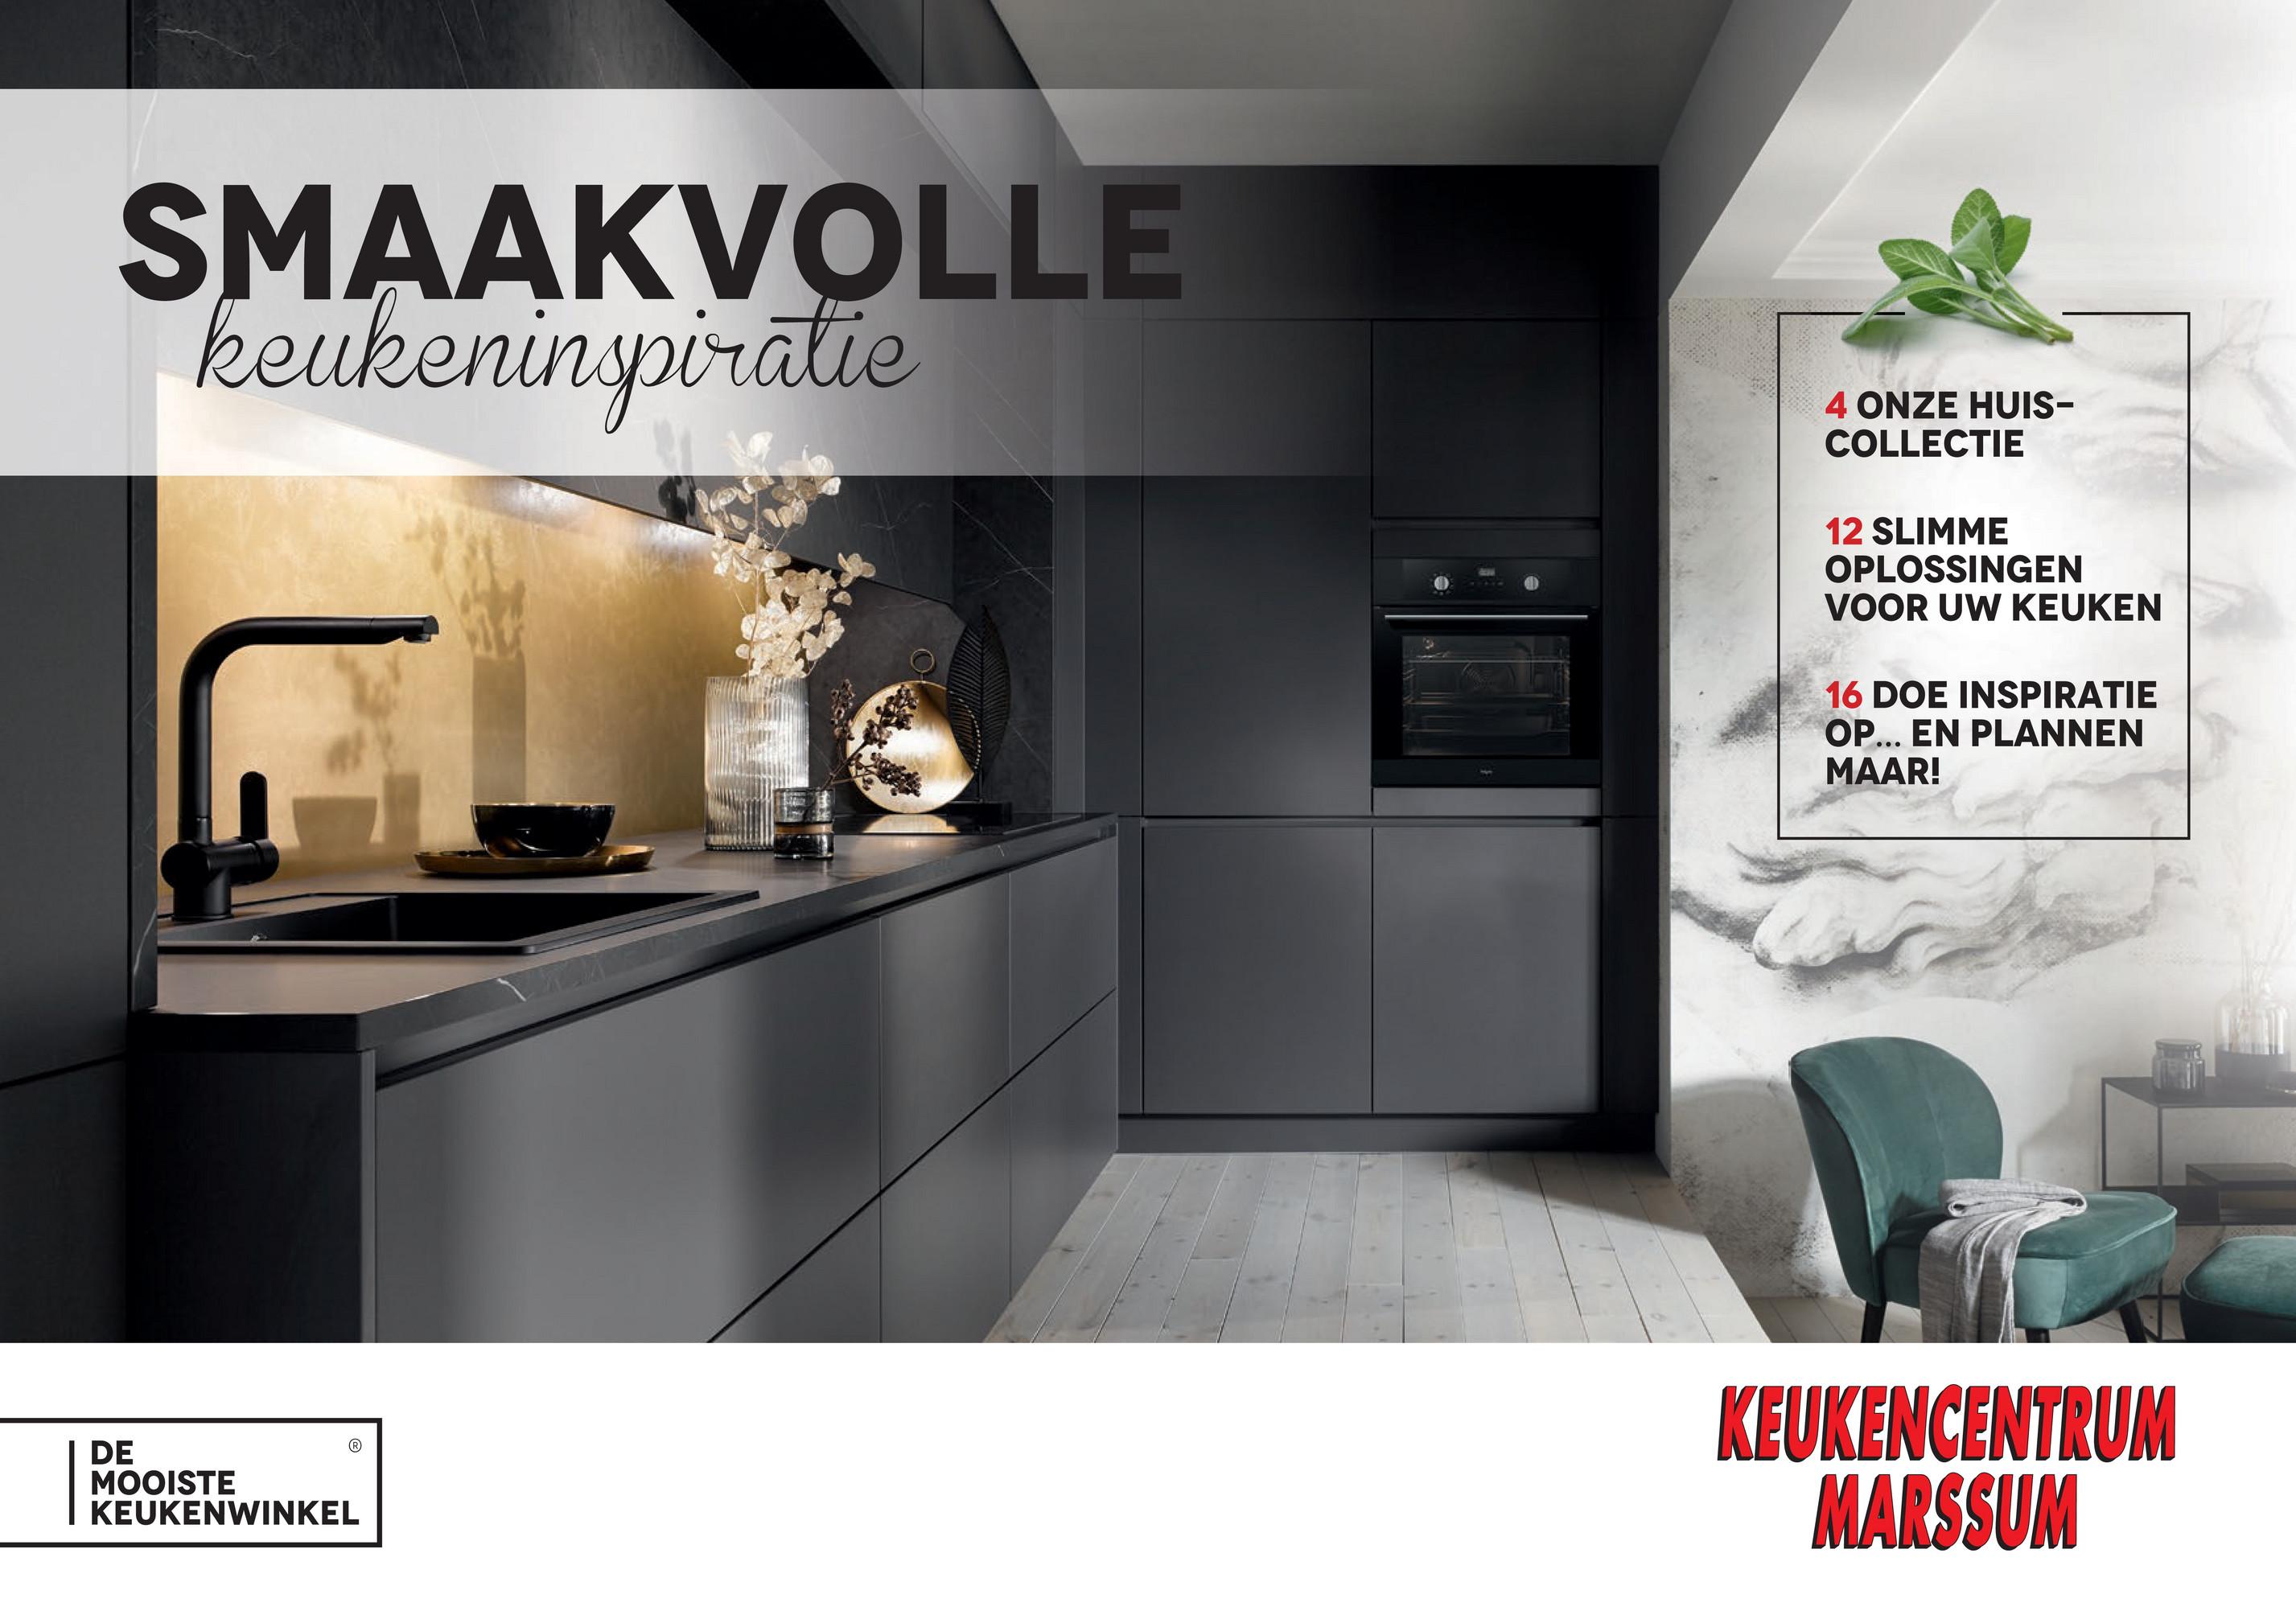 De Mooiste Keukenwinkel De Mooiste Keukenwinkel Magazine Marssum 2021 Pagina 2 3